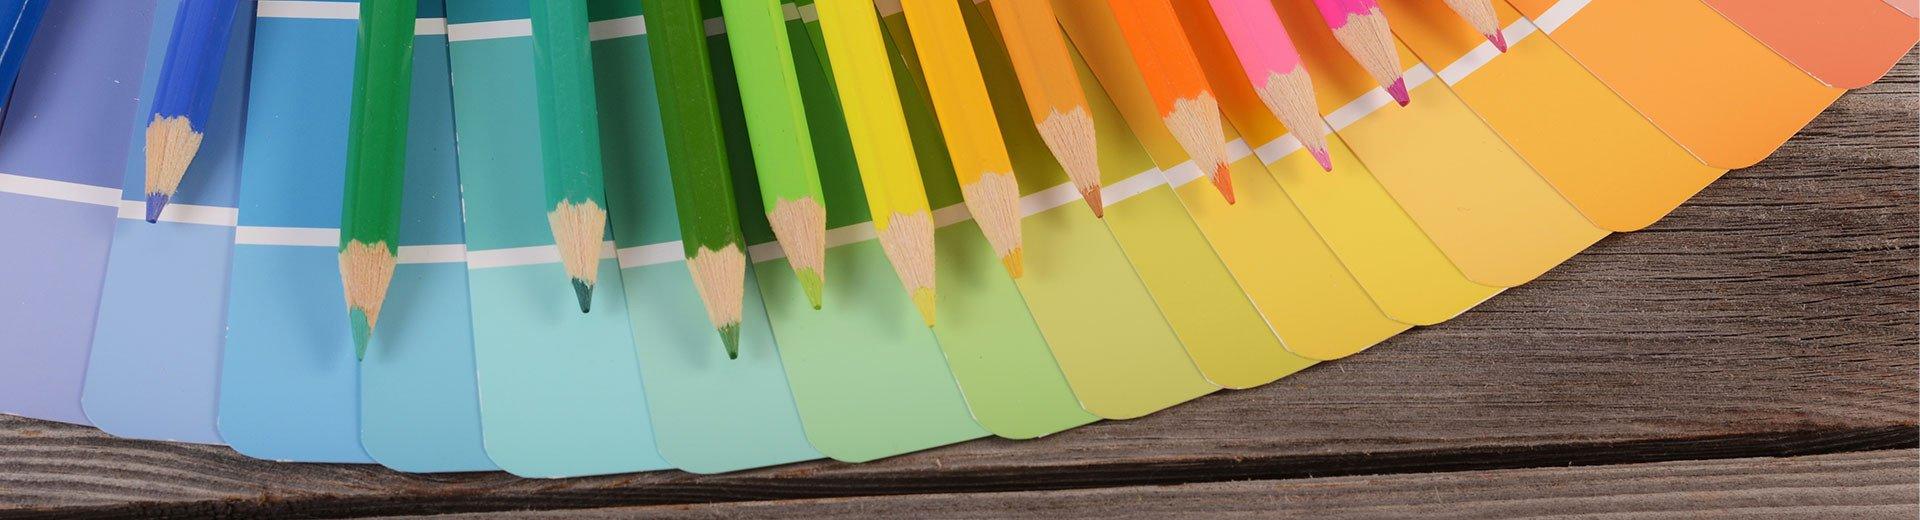 Okładka artykułu Jak tworzone są kolory? — O przestrzeniach barw i ich wykorzystaniu